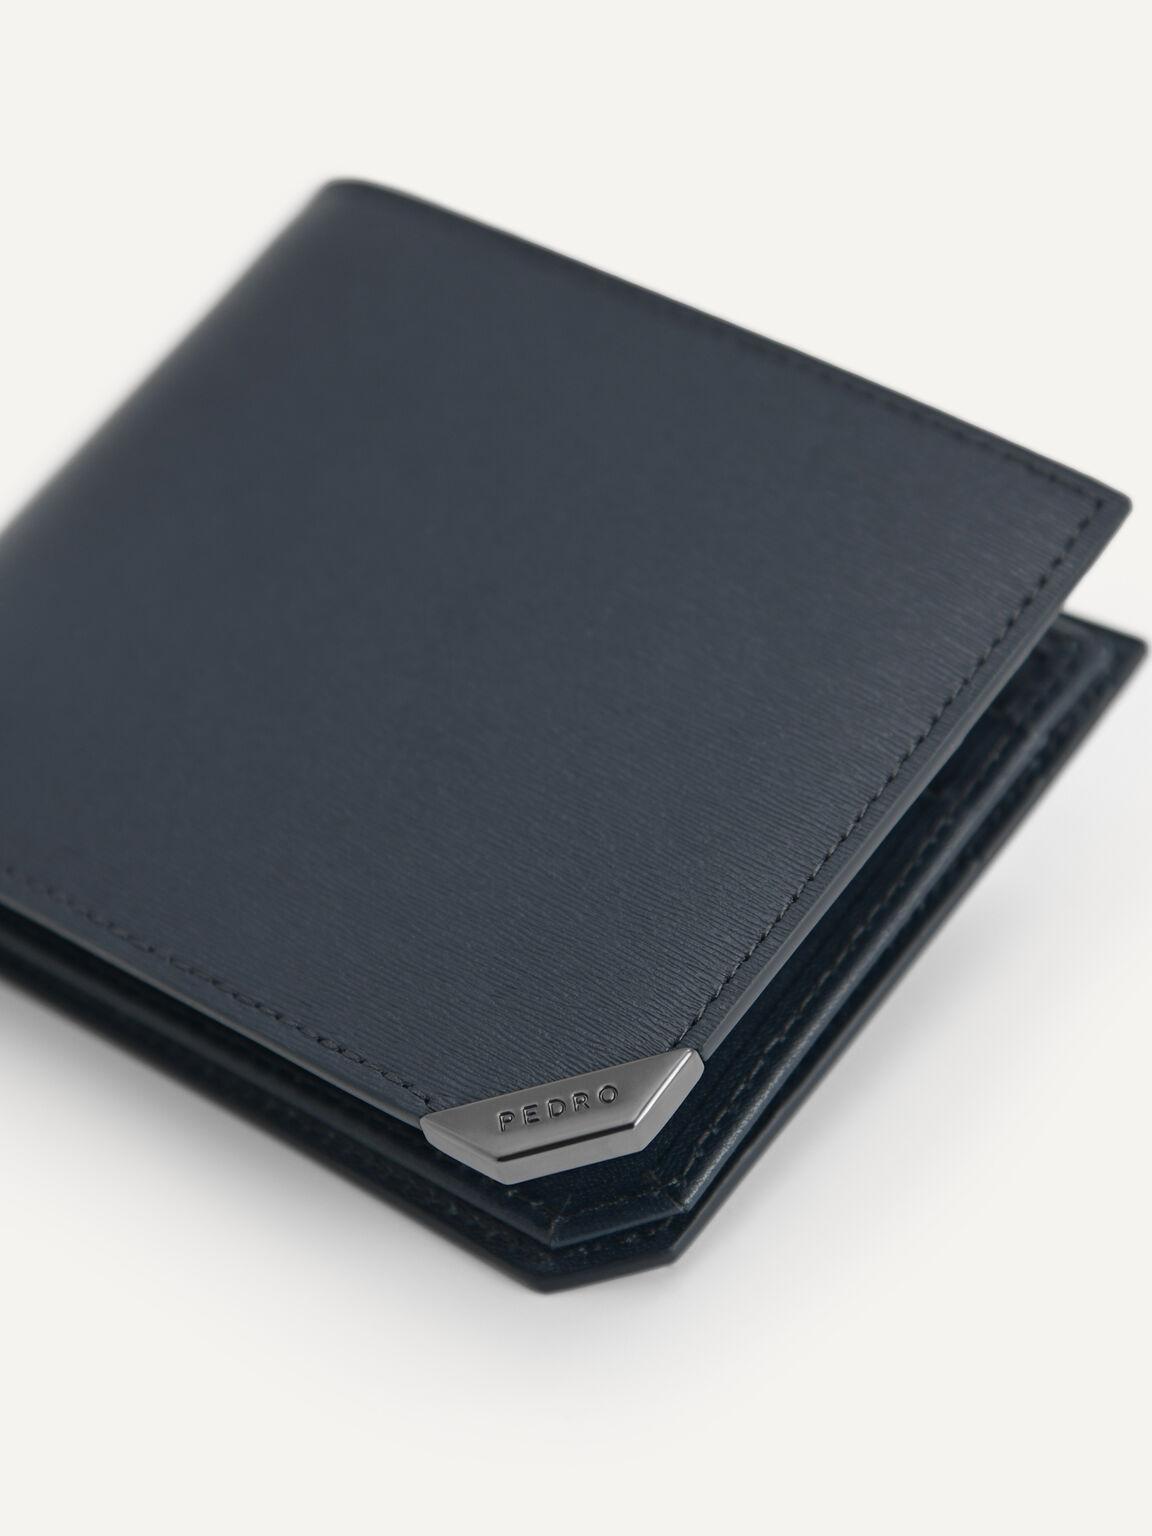 織紋皮革雙折疊錢包帶翻蓋, 海军蓝色, hi-res